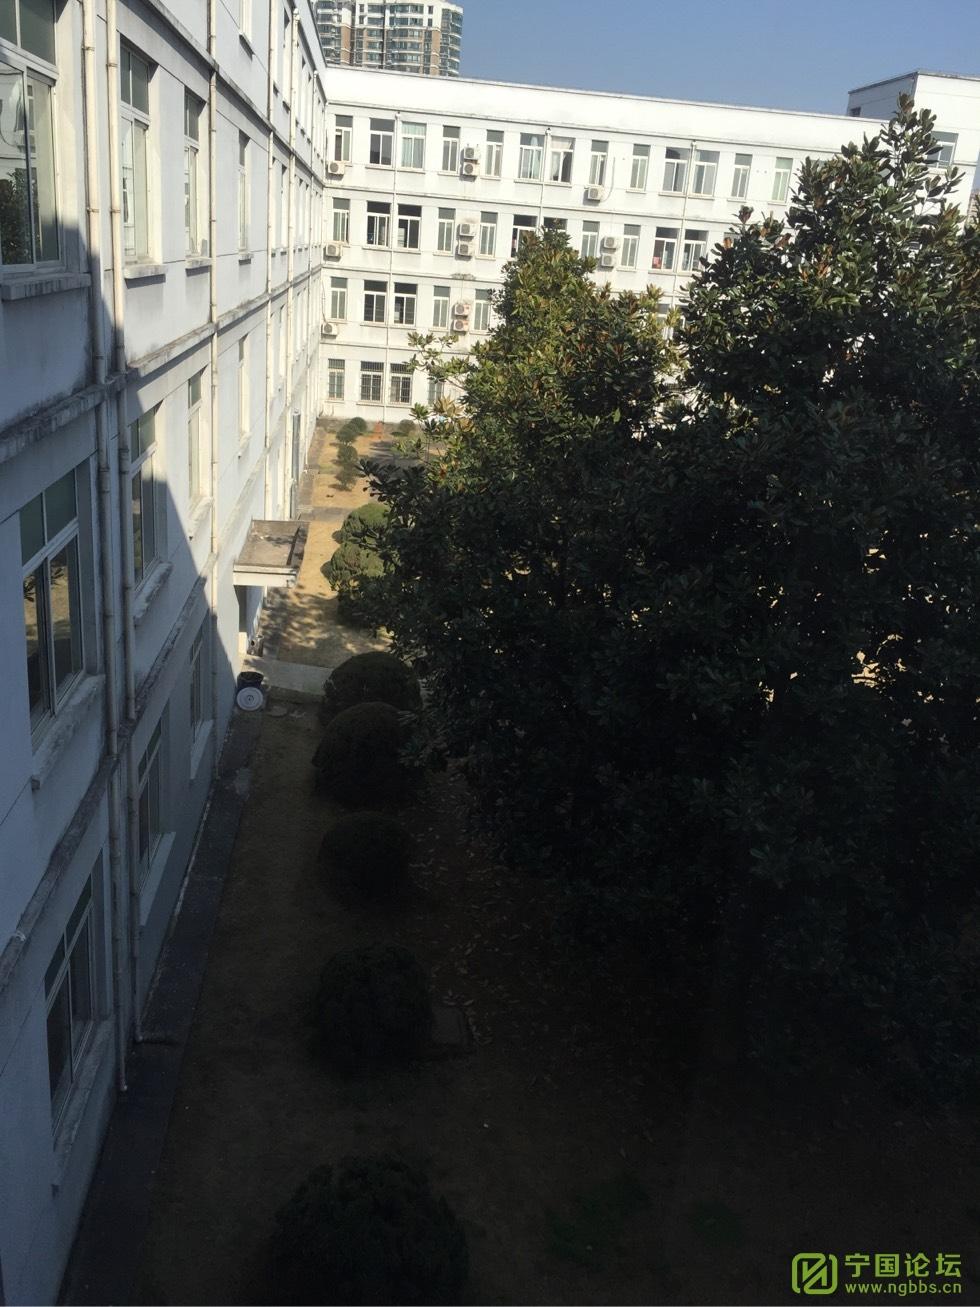 关于市医院西区停车收费的问题@市医院 - 宁国论坛 - 105815mr00eyd0zd1viiw0.jpg